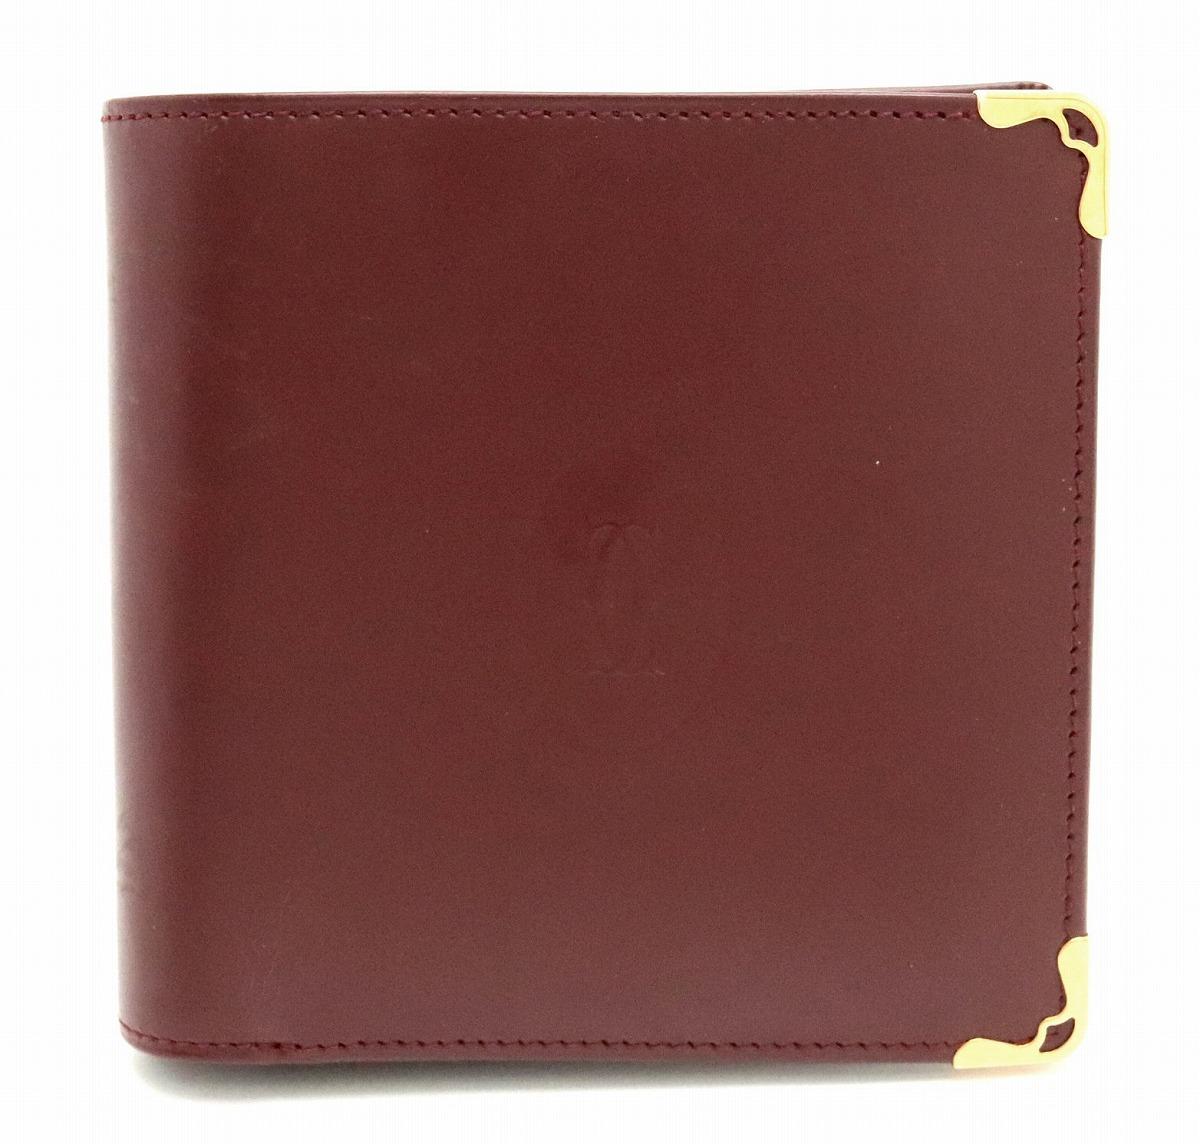 【財布】Cartier カルティエ マストライン 2つ折財布 レザー ボルドー ゴールド金具 L3000451 【中古】【Blumin/森田質店】【質屋出品】【s】